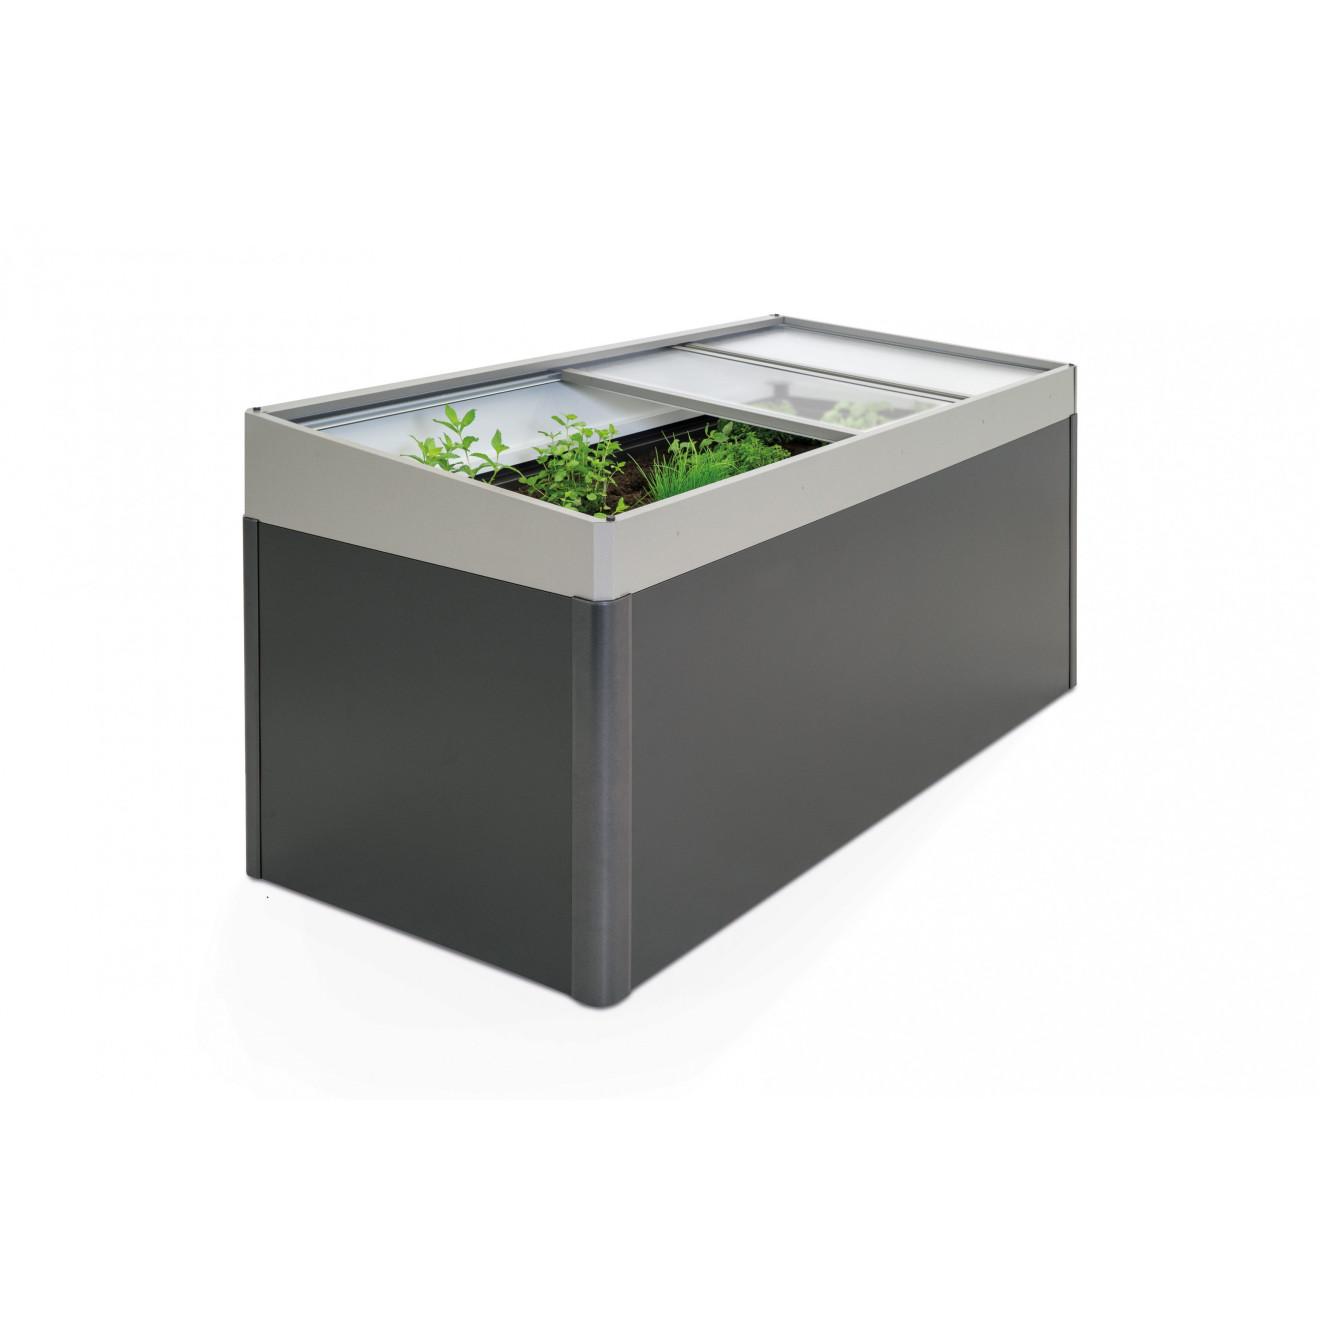 biohort fr hbeetaufsatz f r hochbeet 2x1. Black Bedroom Furniture Sets. Home Design Ideas